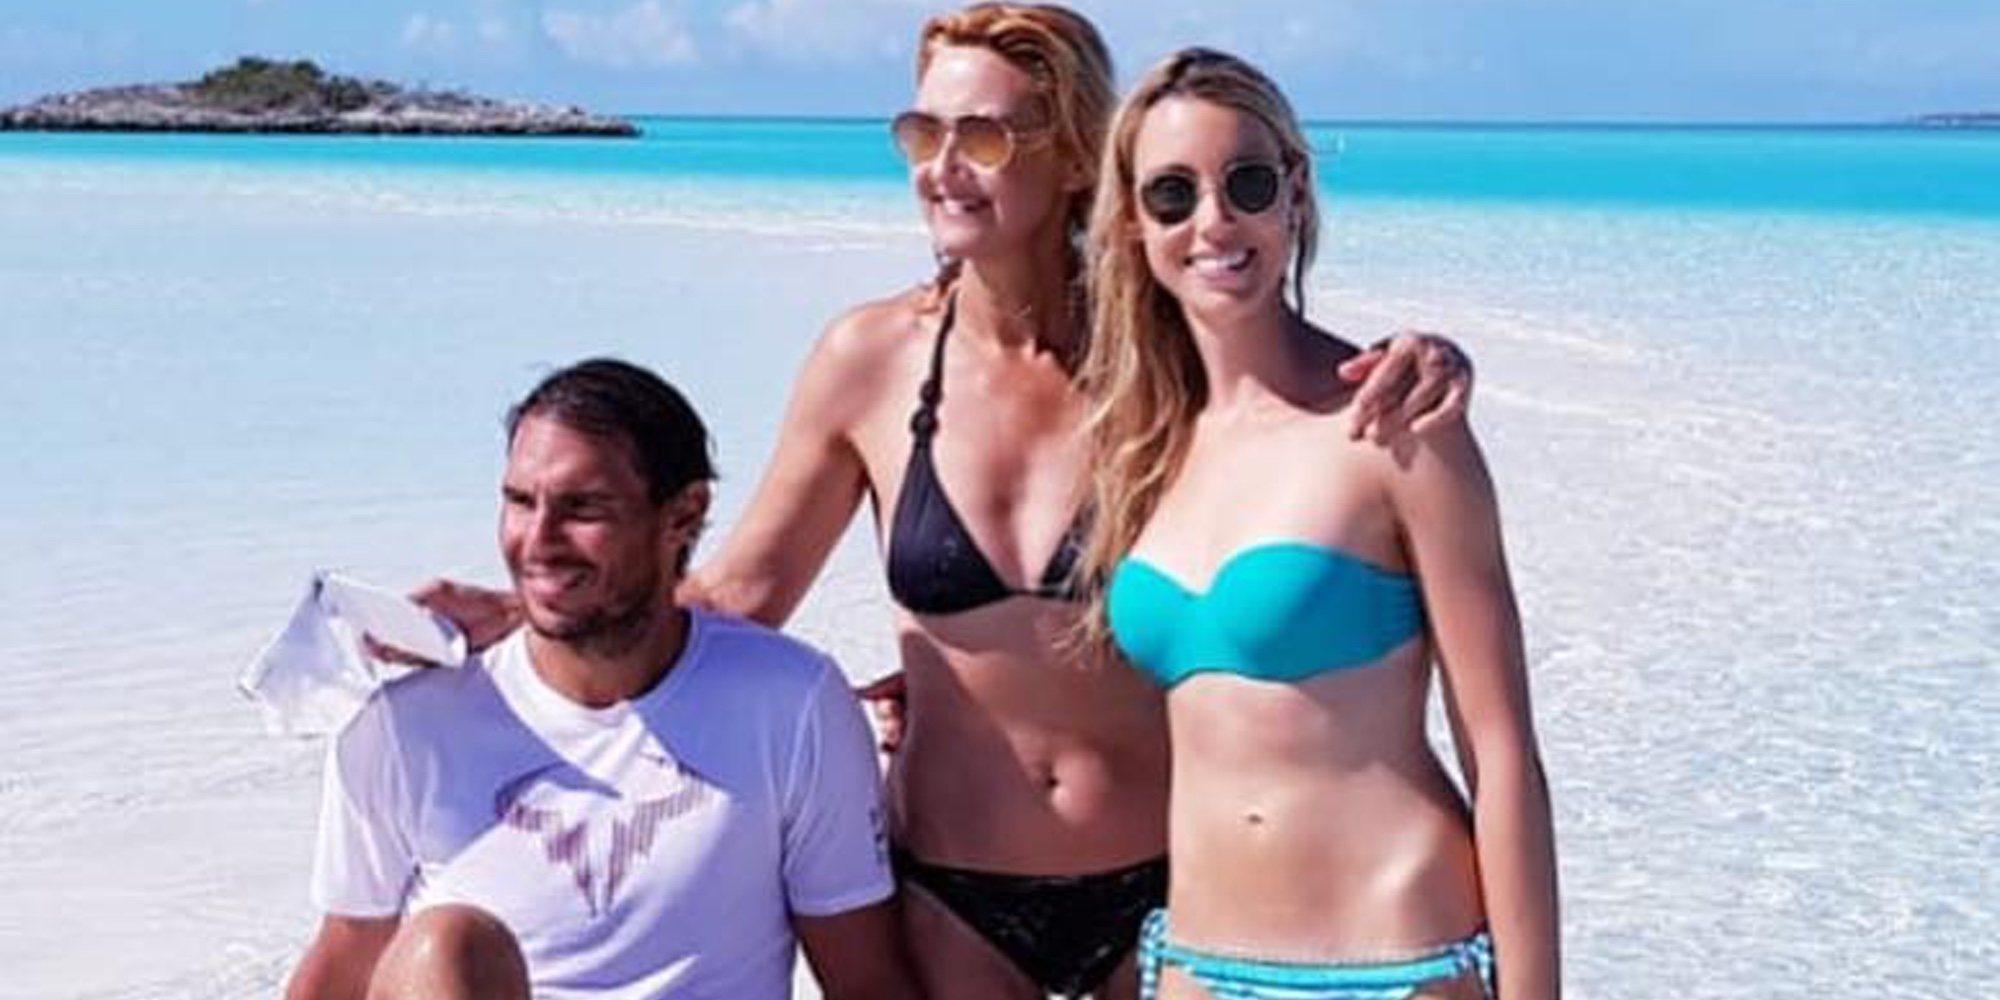 Rafa Nadal disfruta de unas vacaciones familiares en las Bahamas mientras se recupera de su tobillo